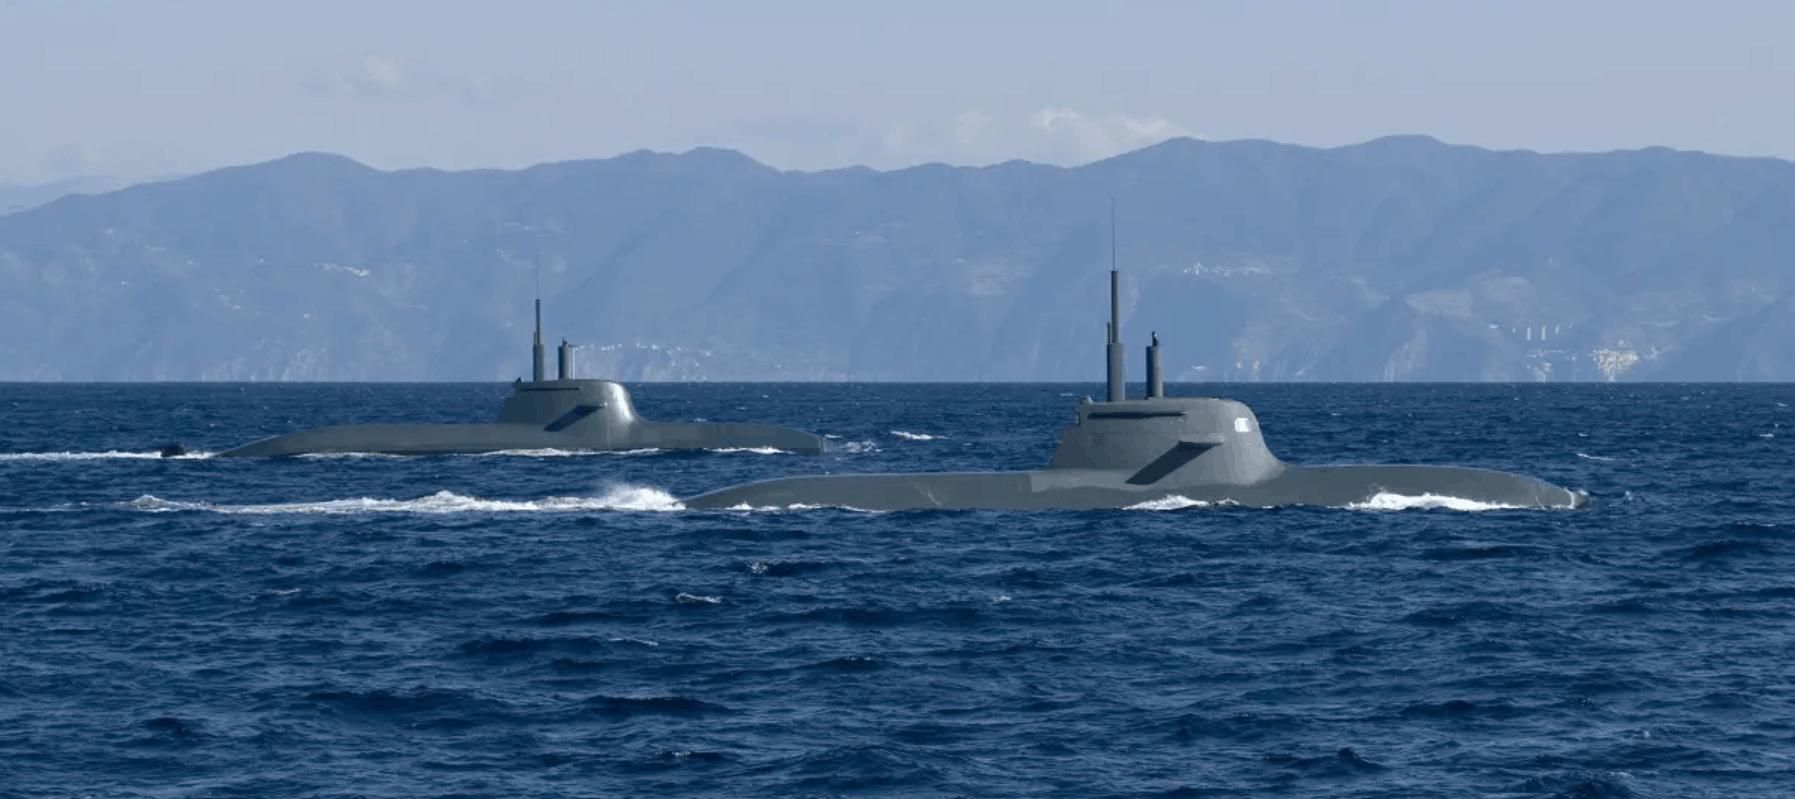 Італія закупить нові підводні човни. Субмарини типу U212A ВМС Італії. Фото з відкритих джерел